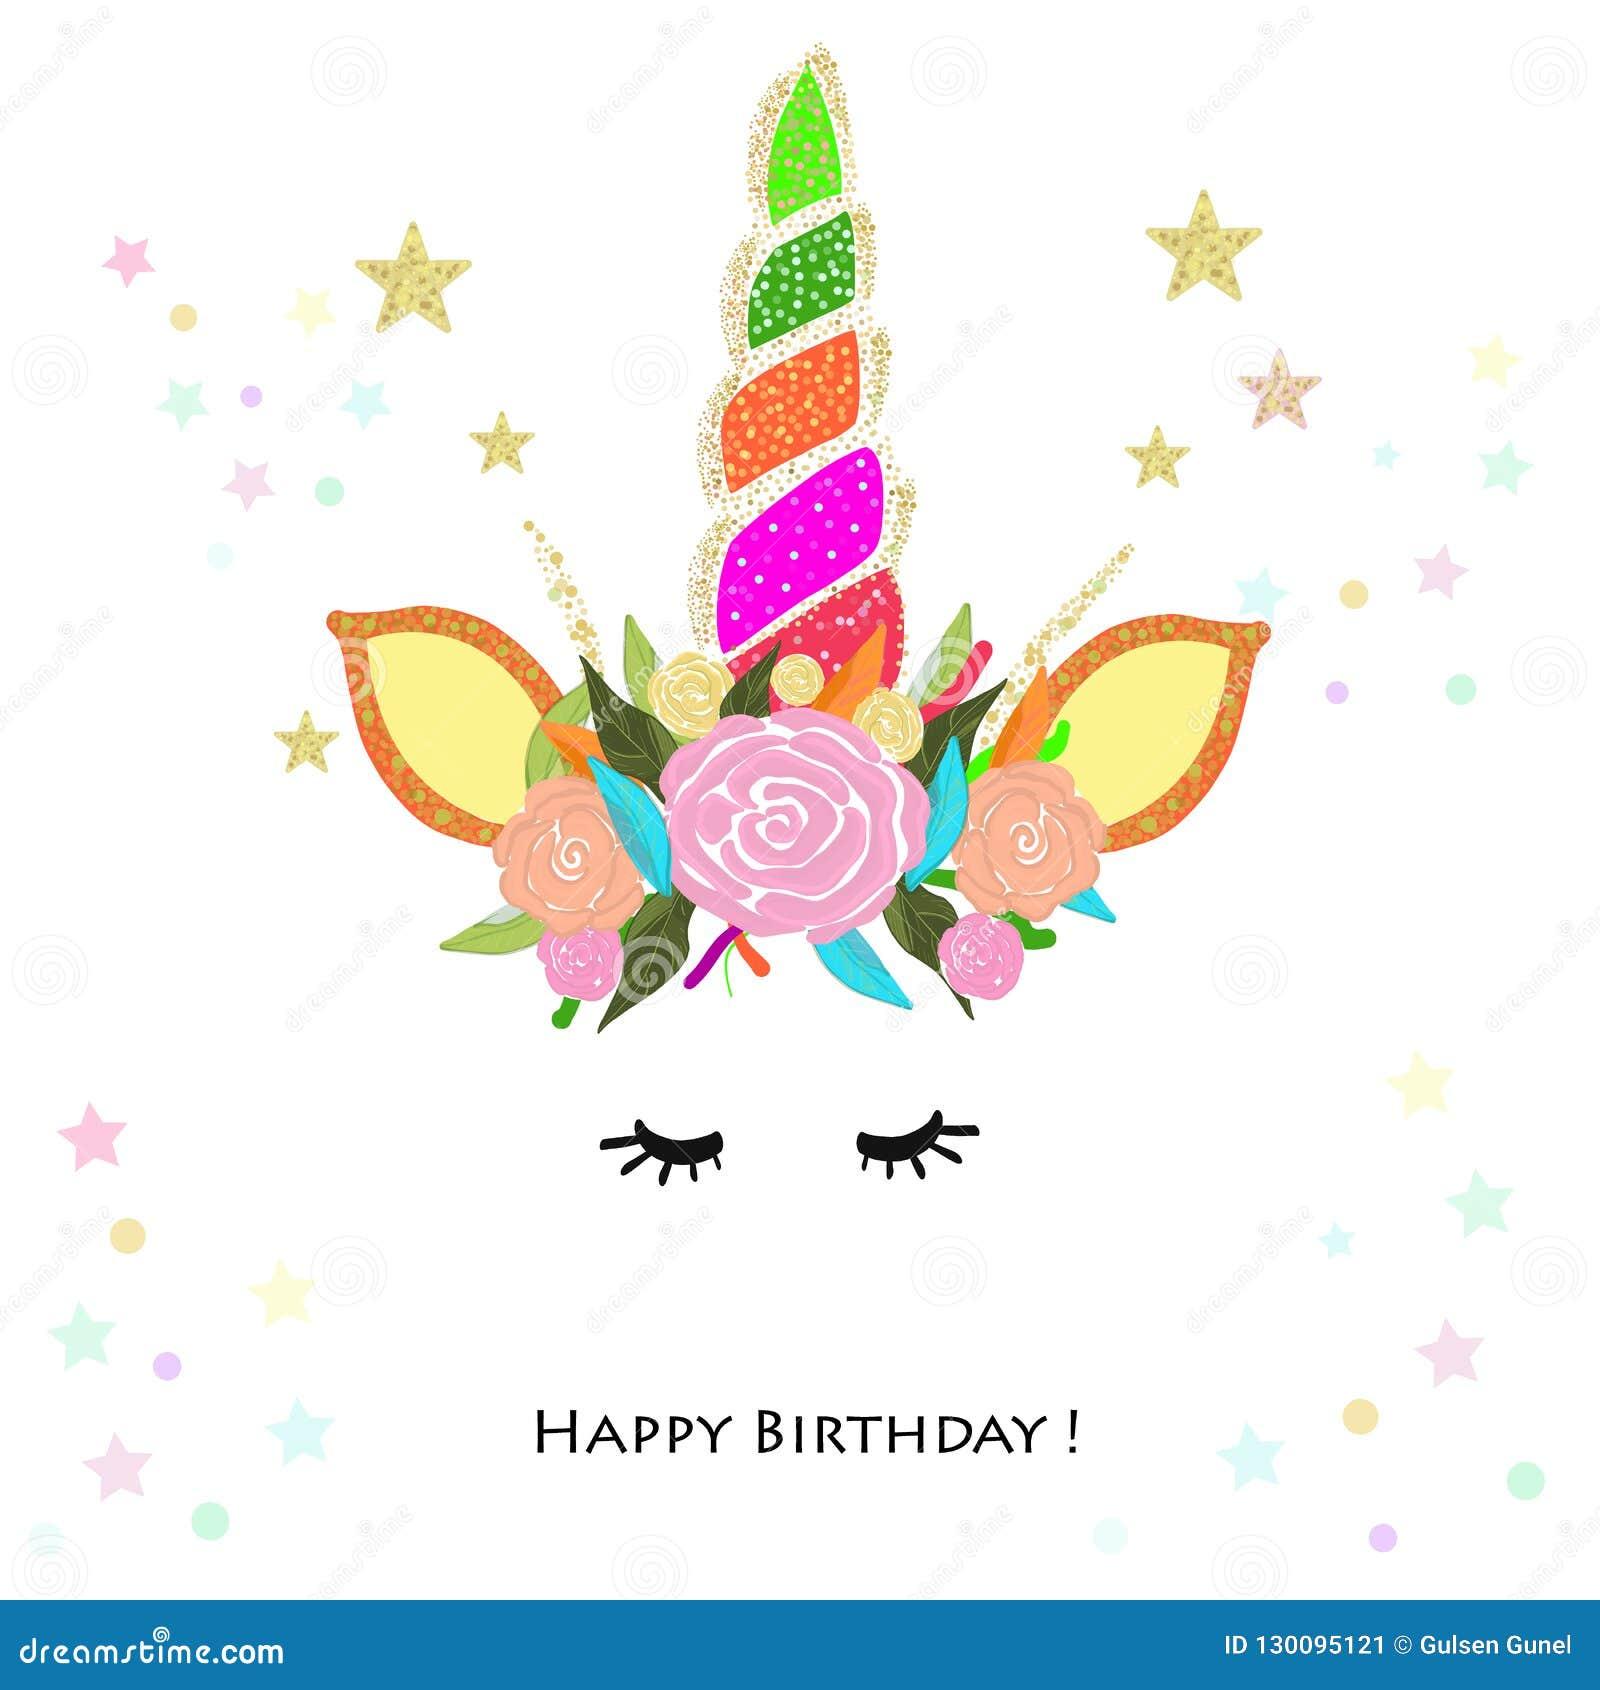 Kolorowy Jednorożec Urodziny Zaproszenie Dziecko Prysznic Partyjny